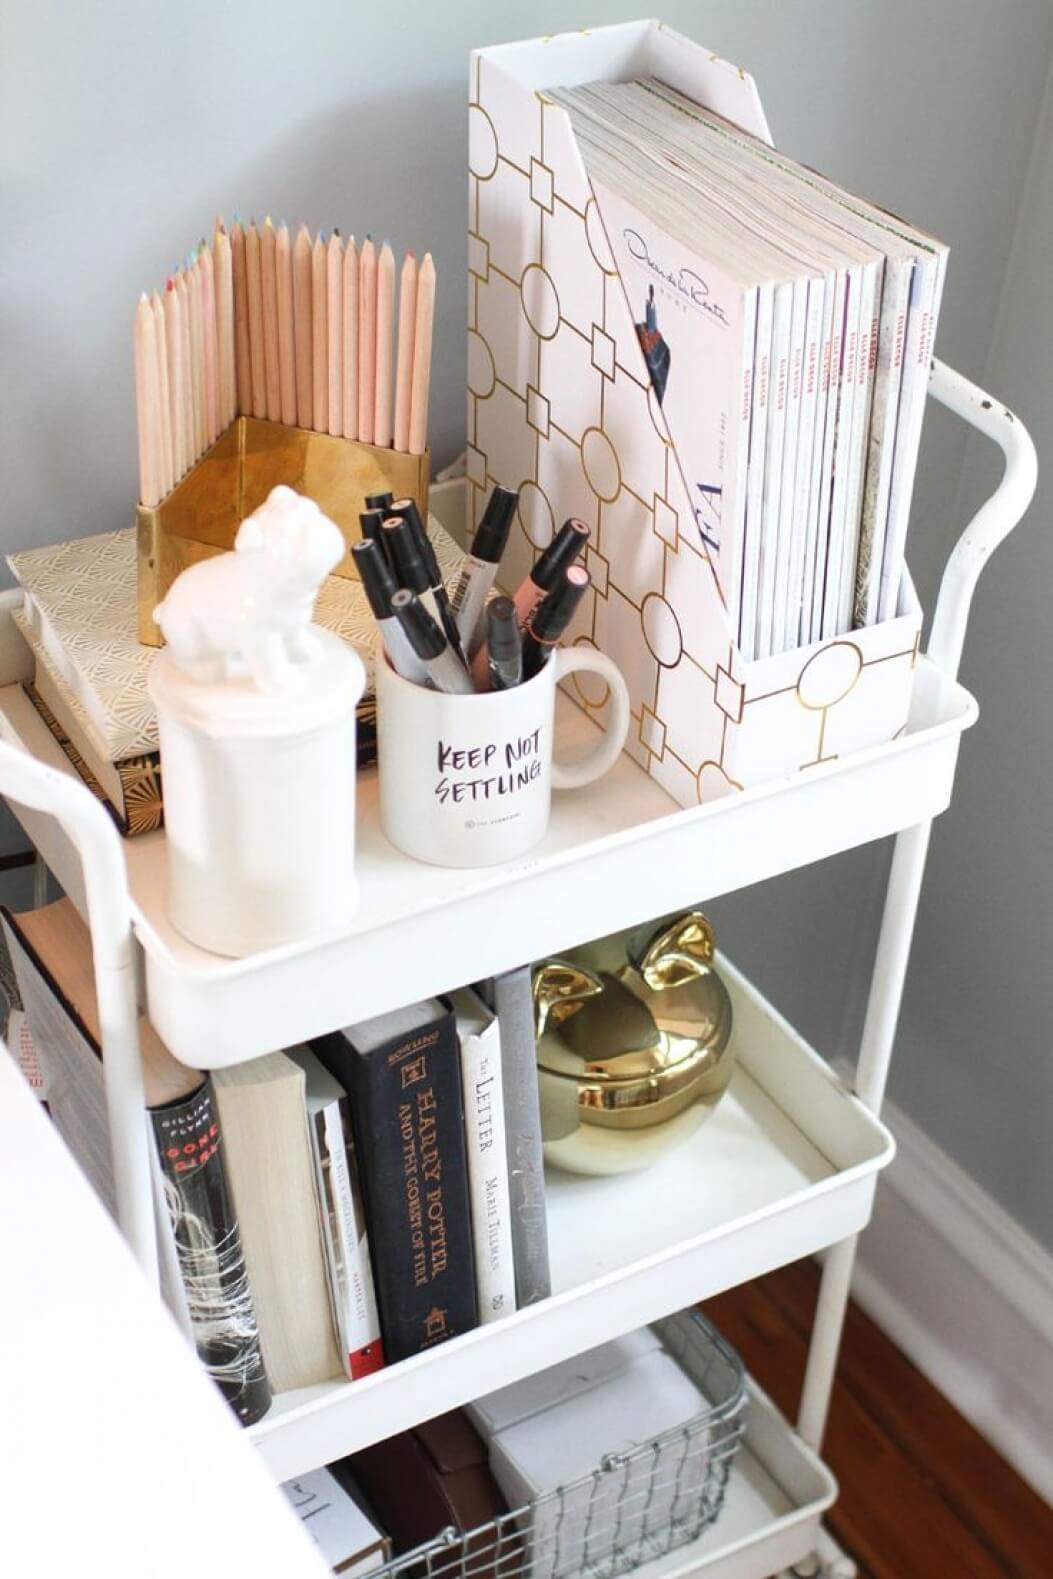 37 Kleine Schlafzimmer-Designs und Ideen zur Maximierung Ihres kleinen Raums